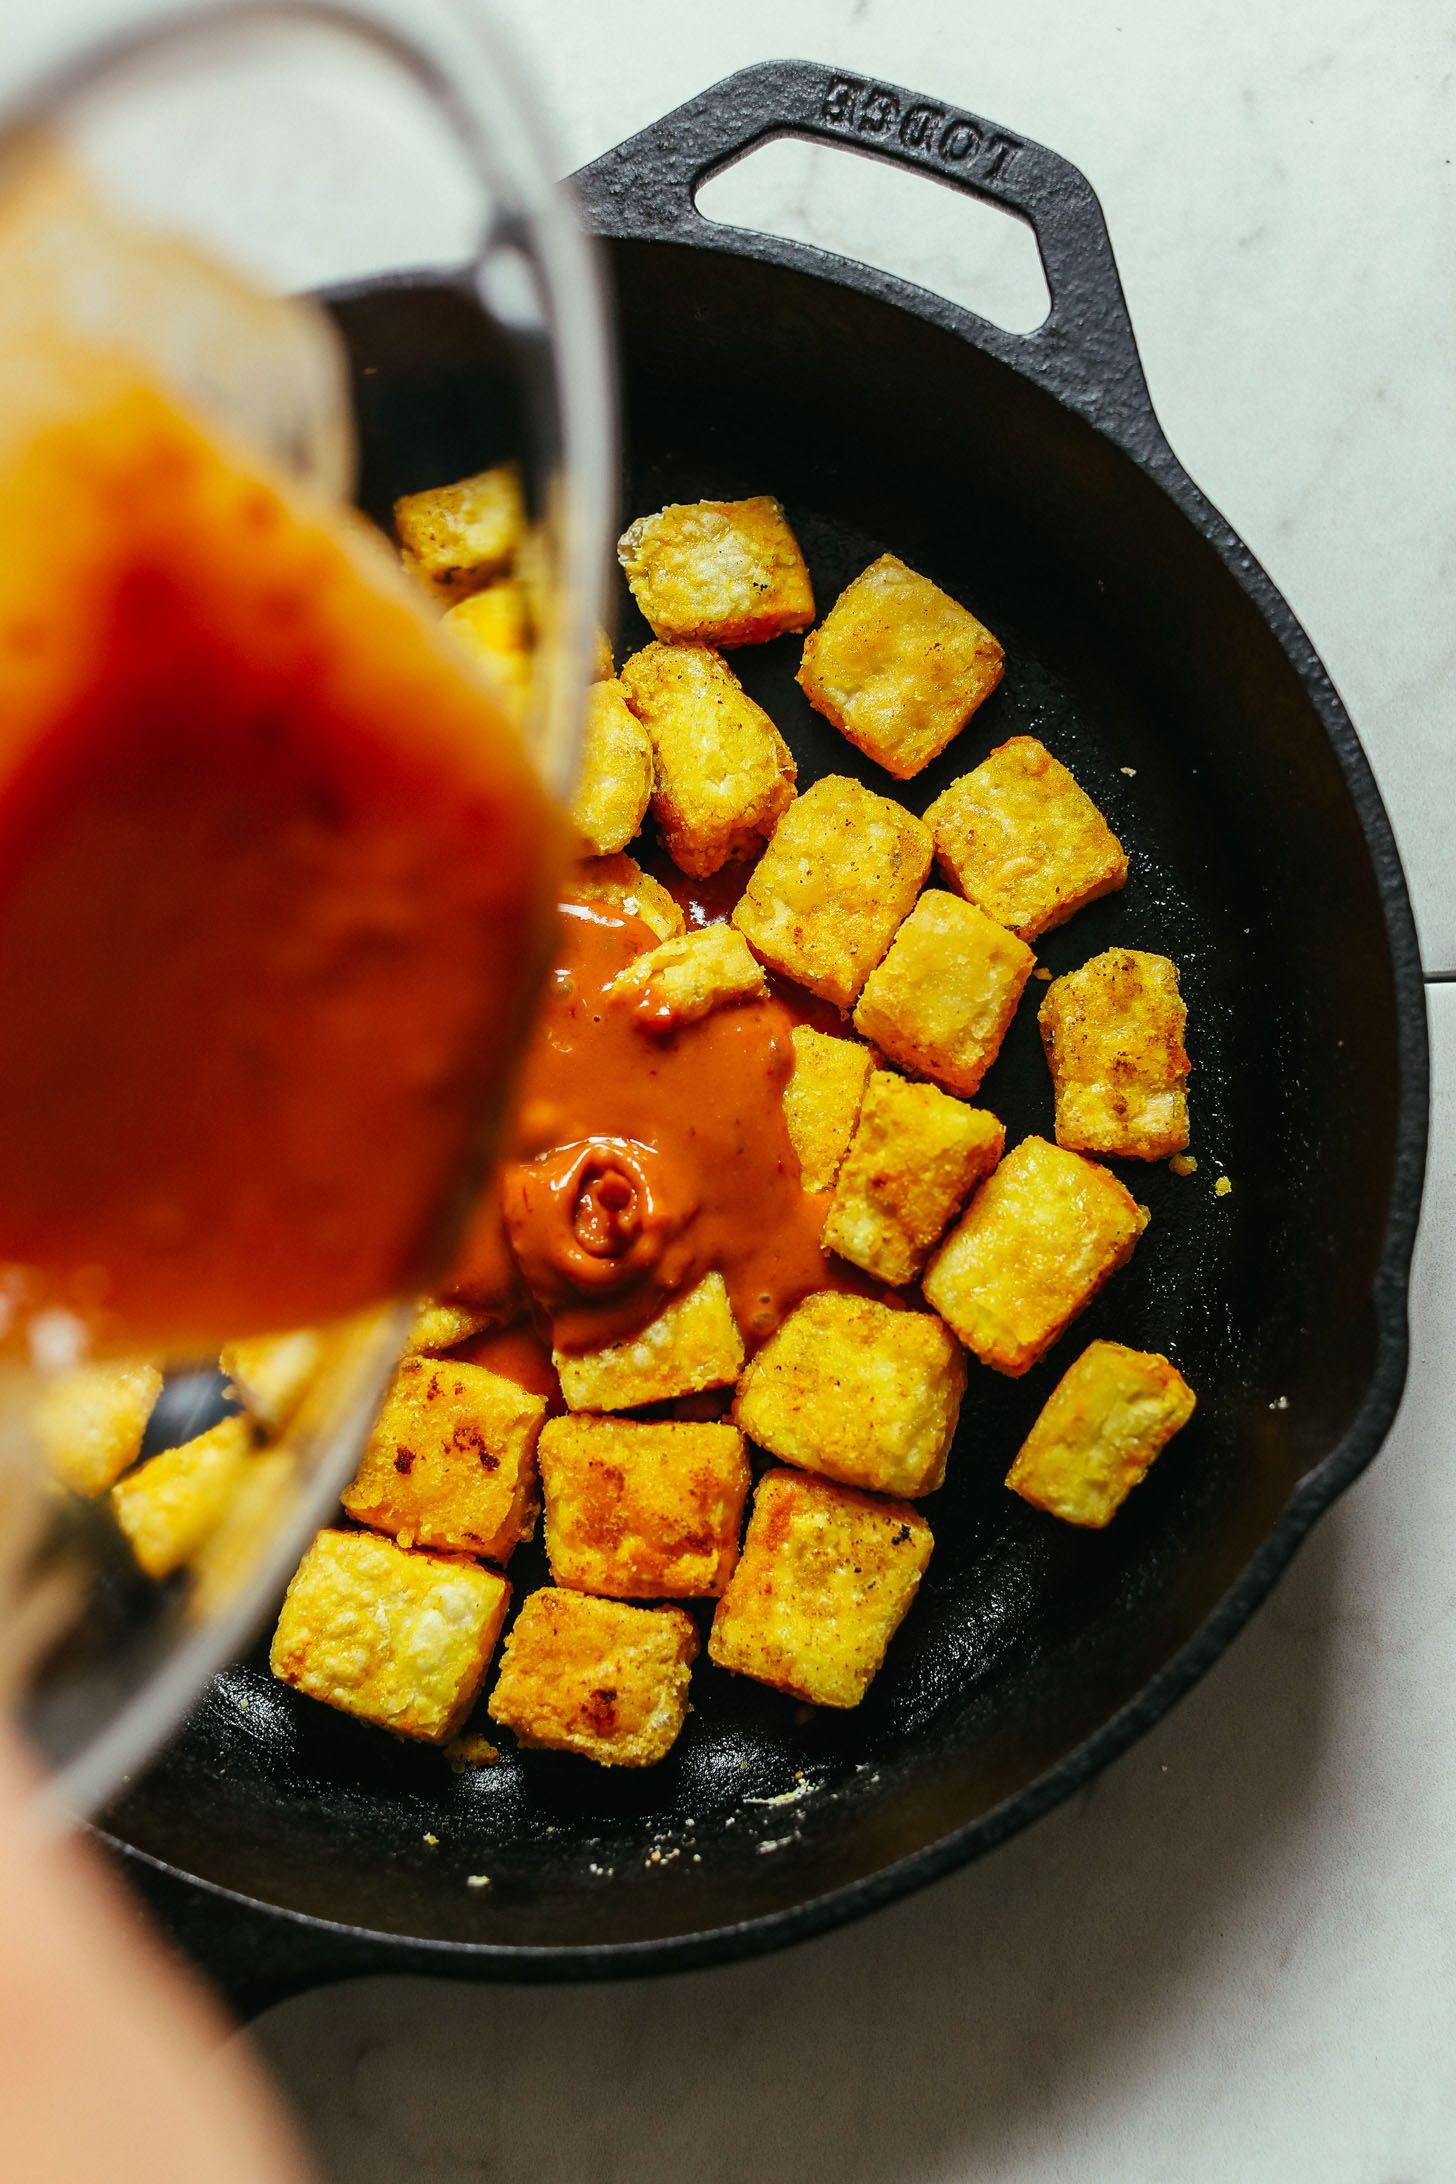 How To Make Tofu Taste Good Essen Und Trinken Essen Trinken